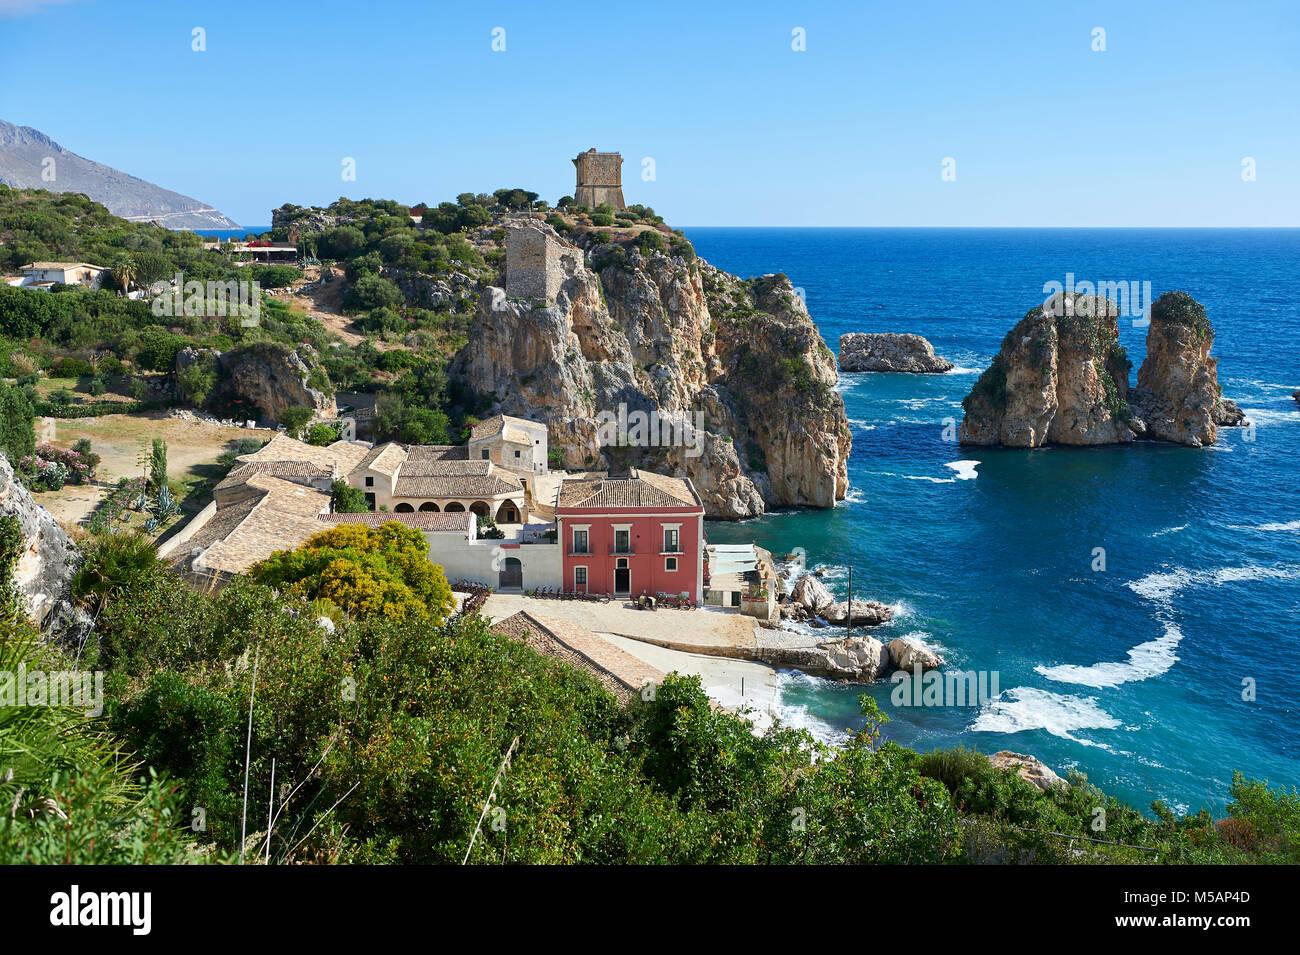 The tonnara of Scopello (Tonnara di Scopello) Old Tuna processing buildings on the Castellammare del Golfo, Sicily - Stock Image